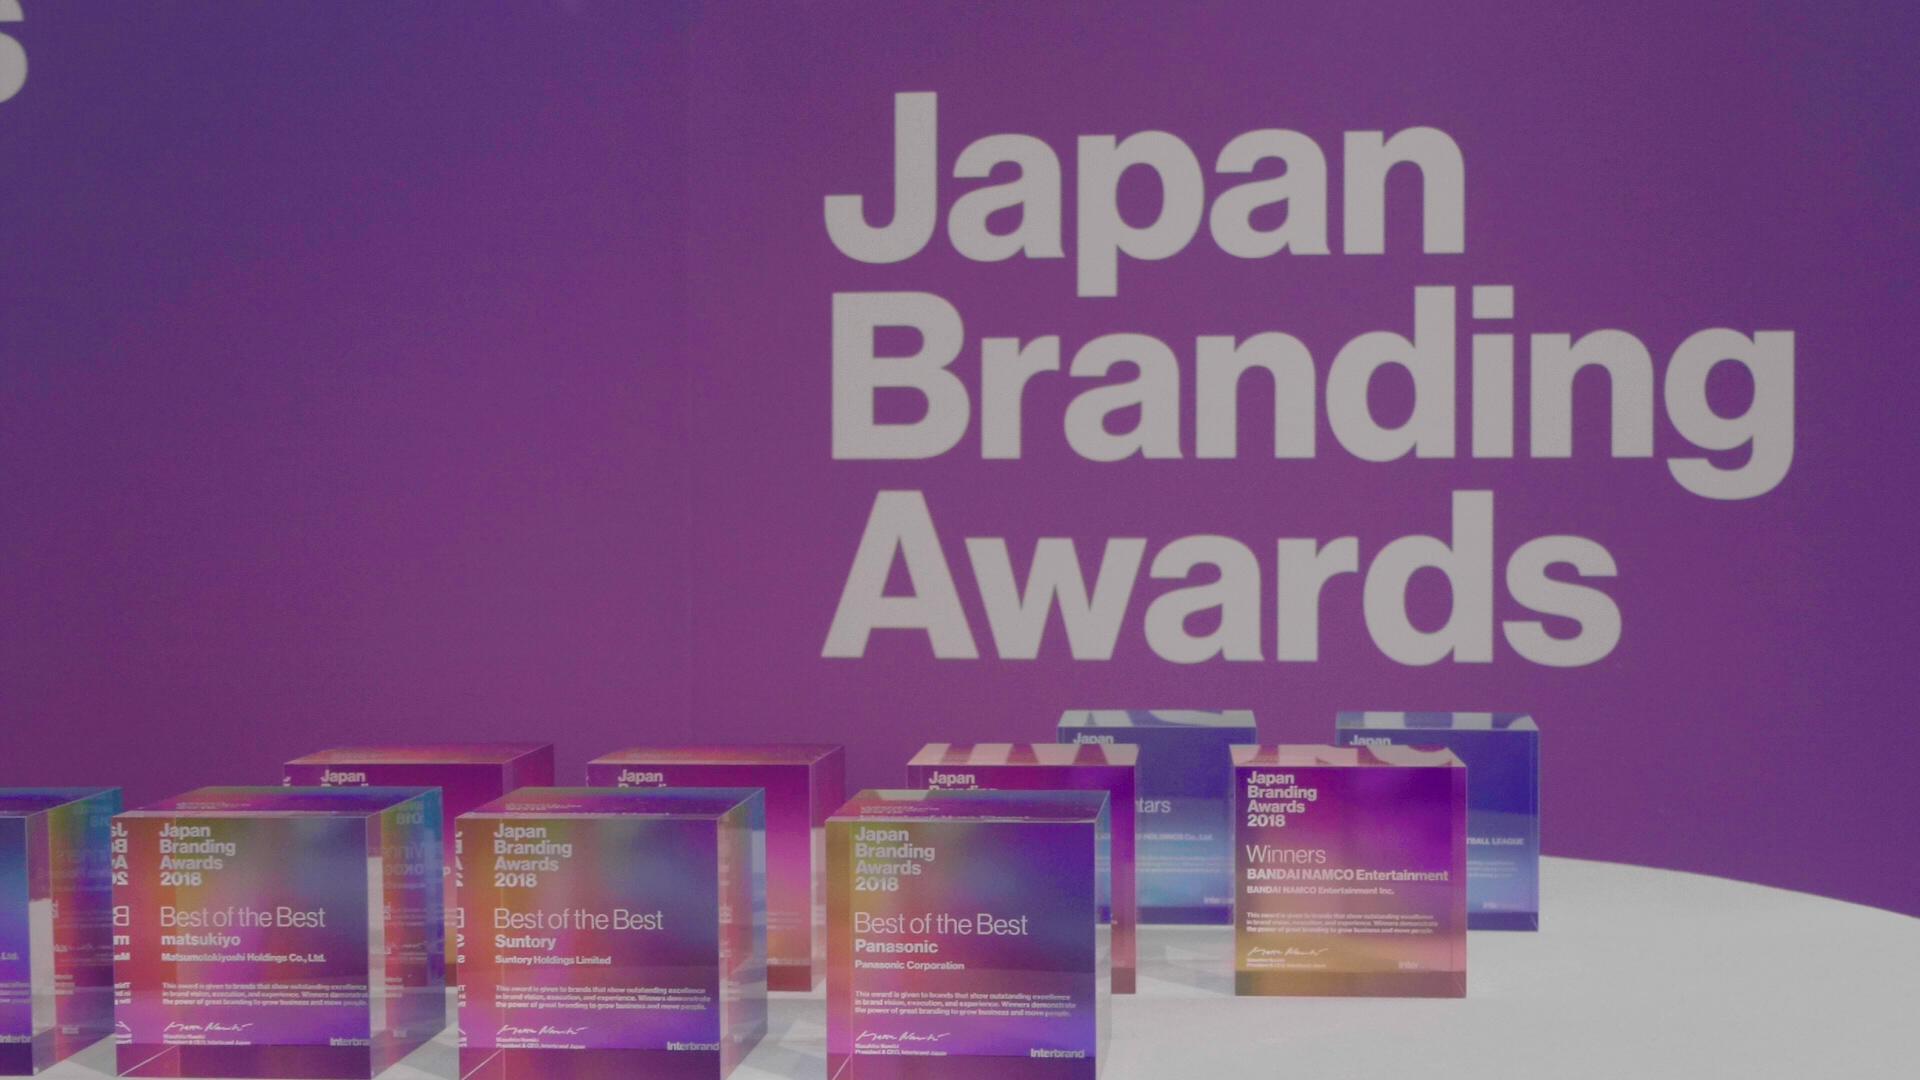 """インターブランド が、「ブランディング活動」を評価する日本初のアワード""""Japan Branding Awards""""の第2回応募受付開始。"""